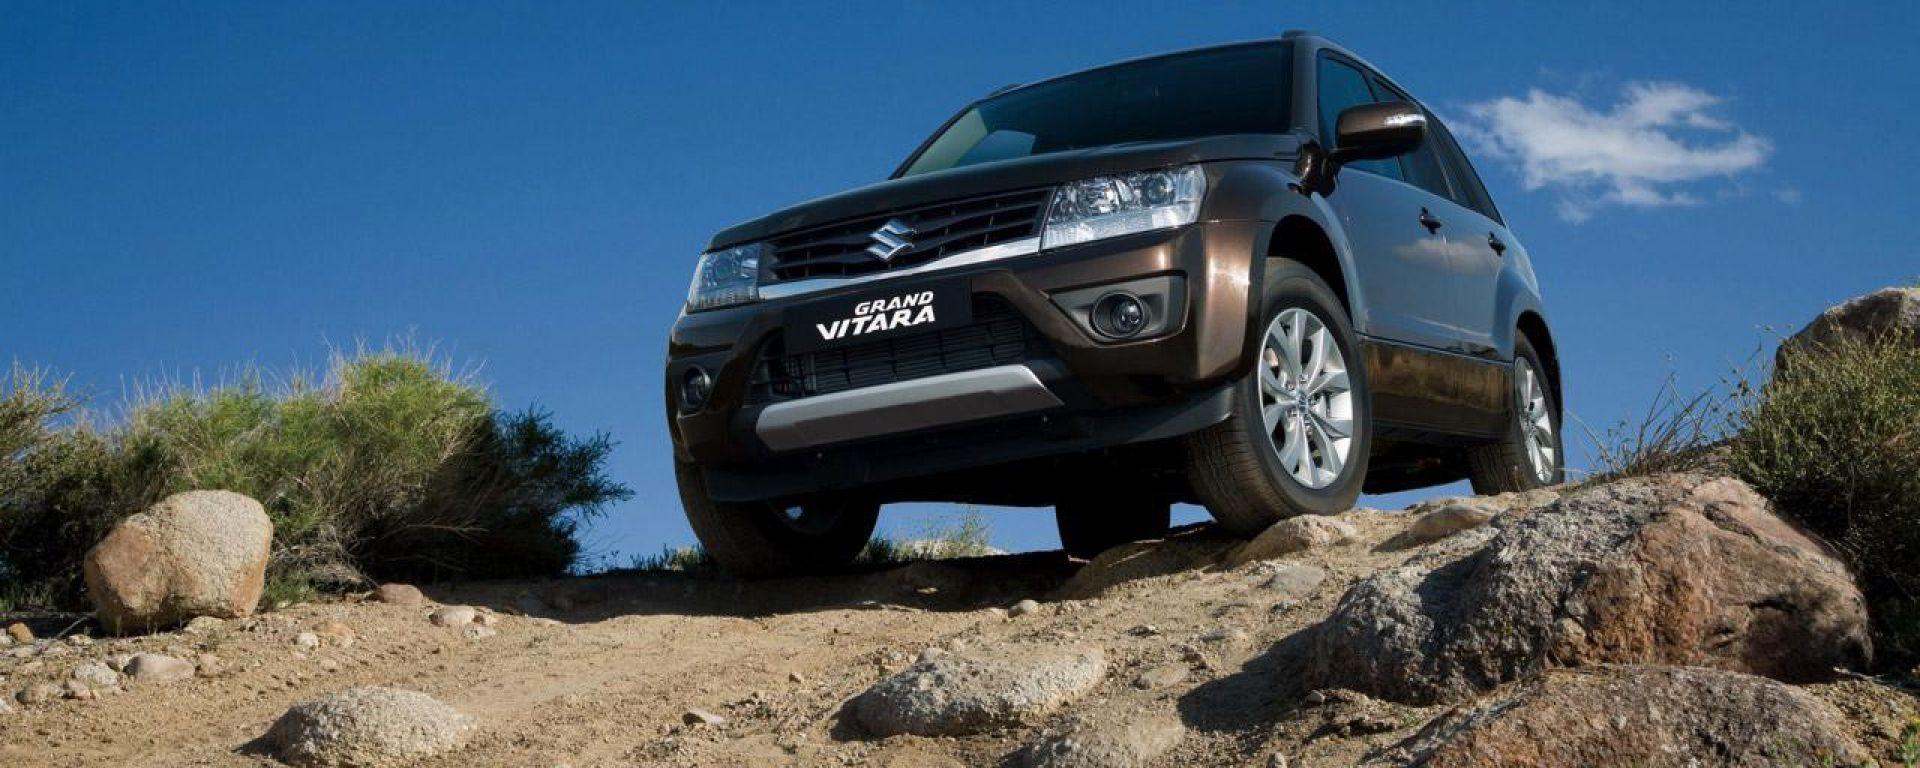 Suzuki Grand Vitara 2013: le nuove foto